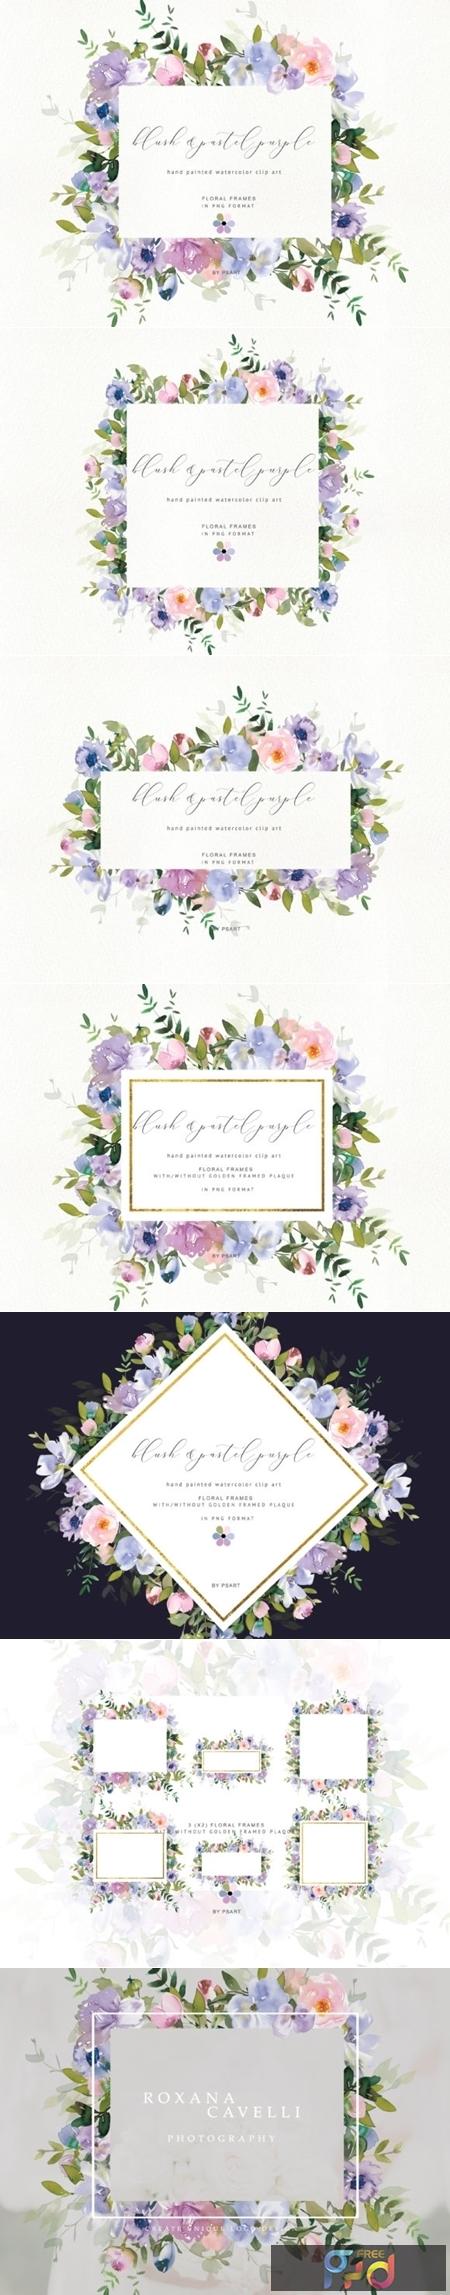 Watercolor Floral Clipart Blush Purple 1743272 1